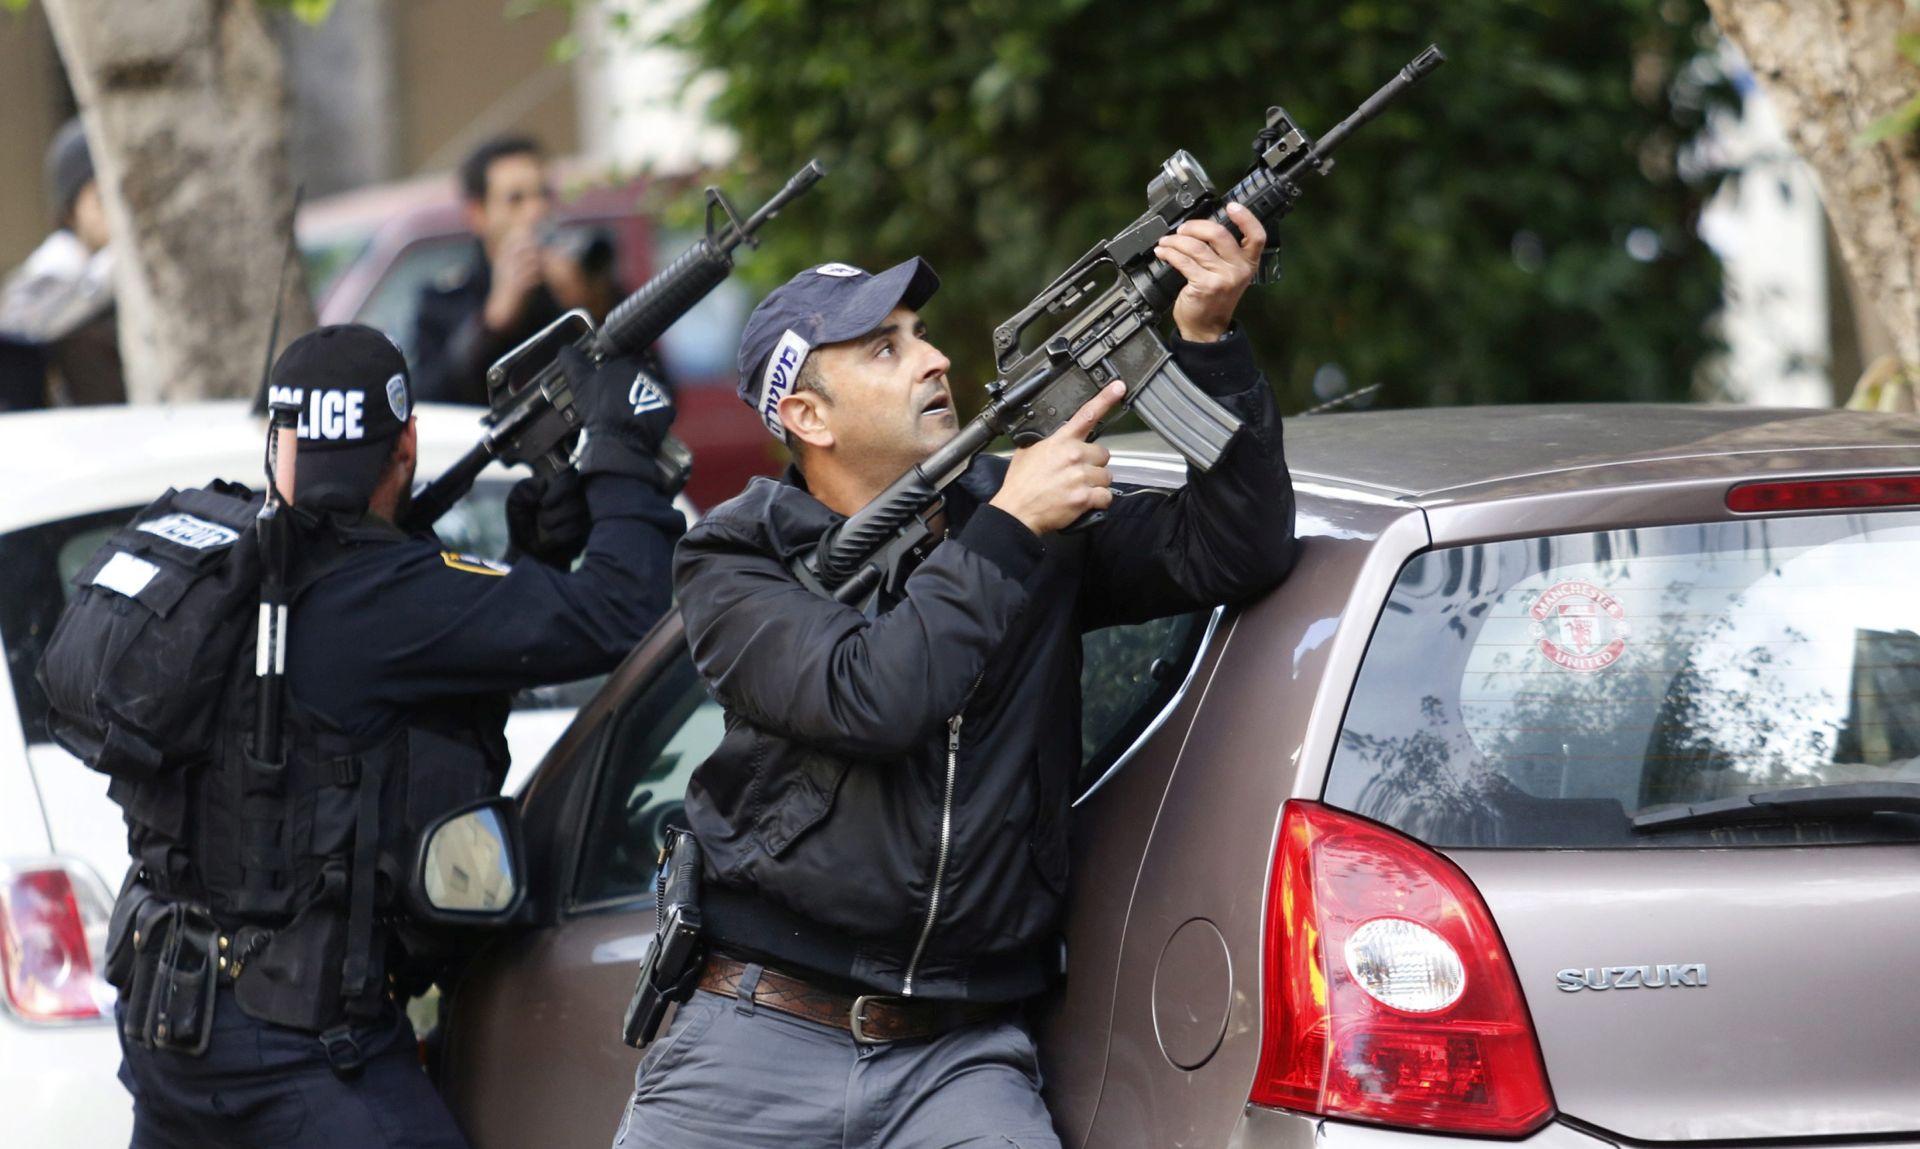 USTRIJELILI GA KOMANDOSI: Ubijen napadač odgovoran za smrt troje ljudi u Tel Avivu